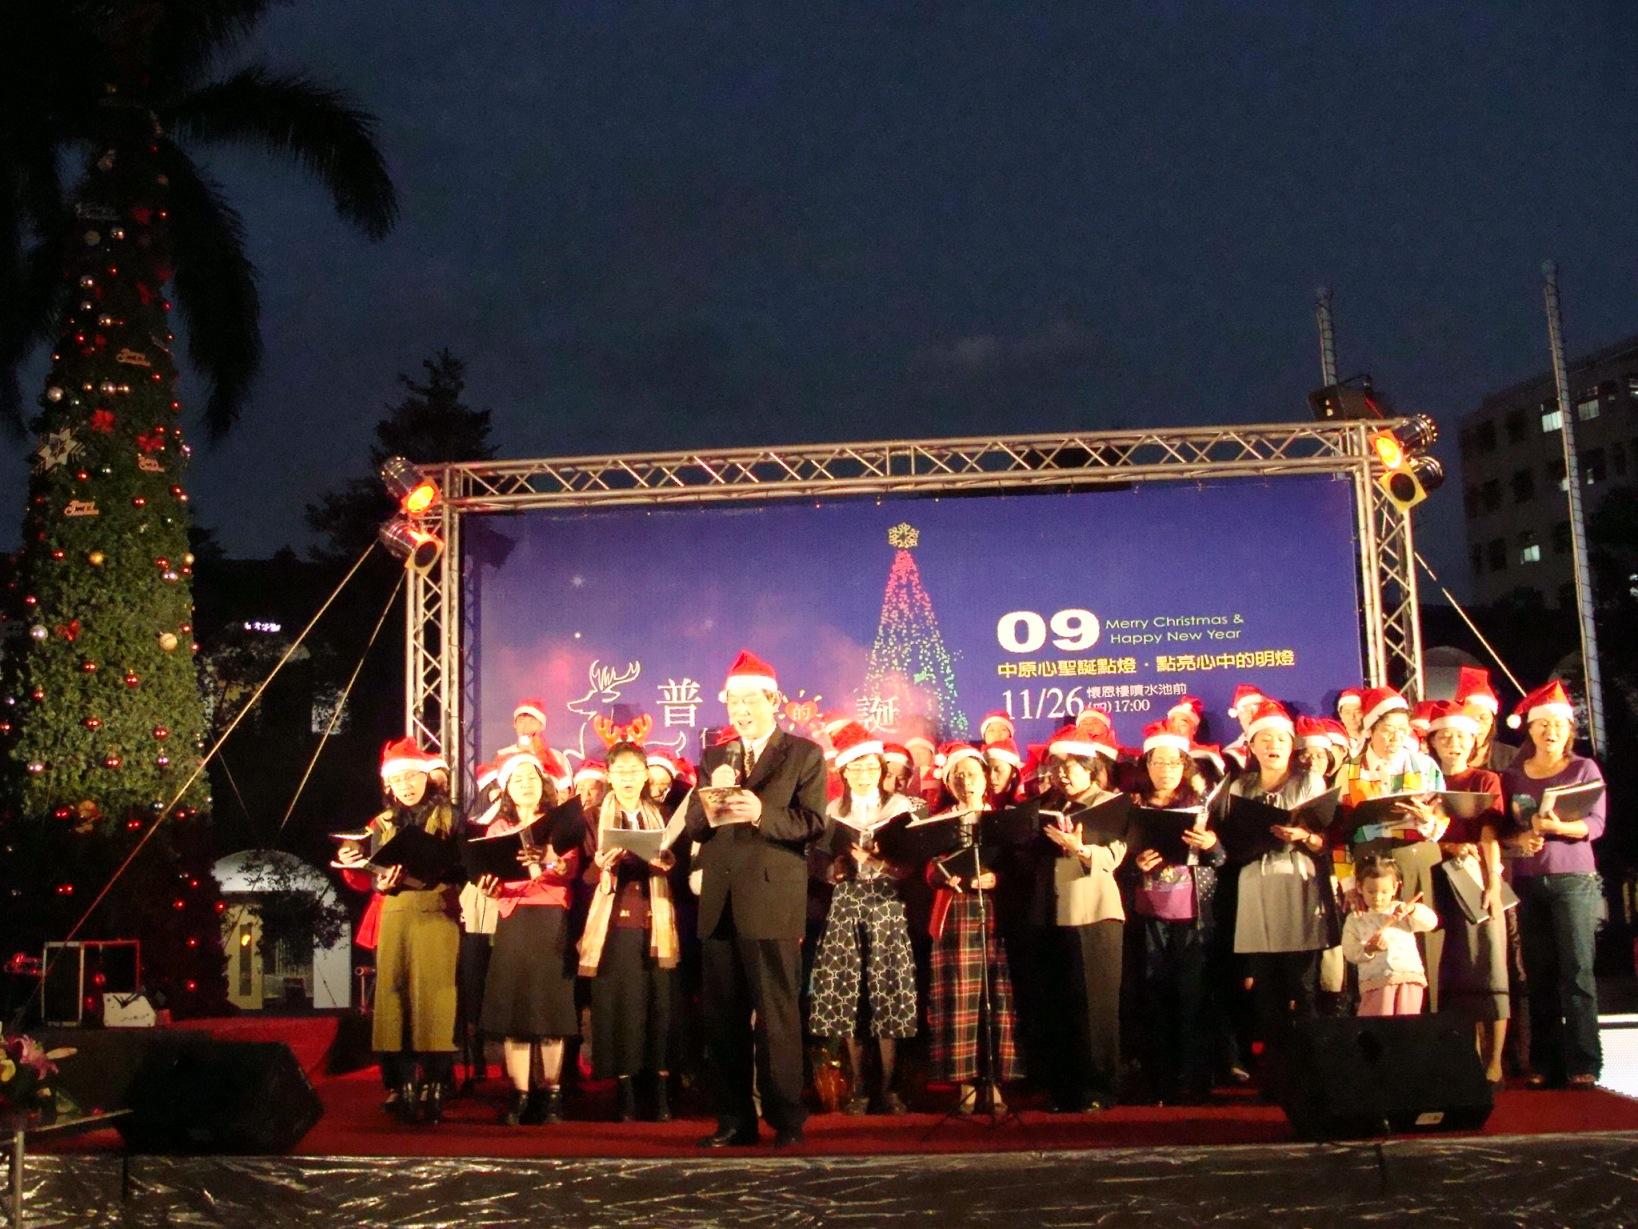 中原大學點燈啟動聖誕系列活動 歡迎社區民眾參加